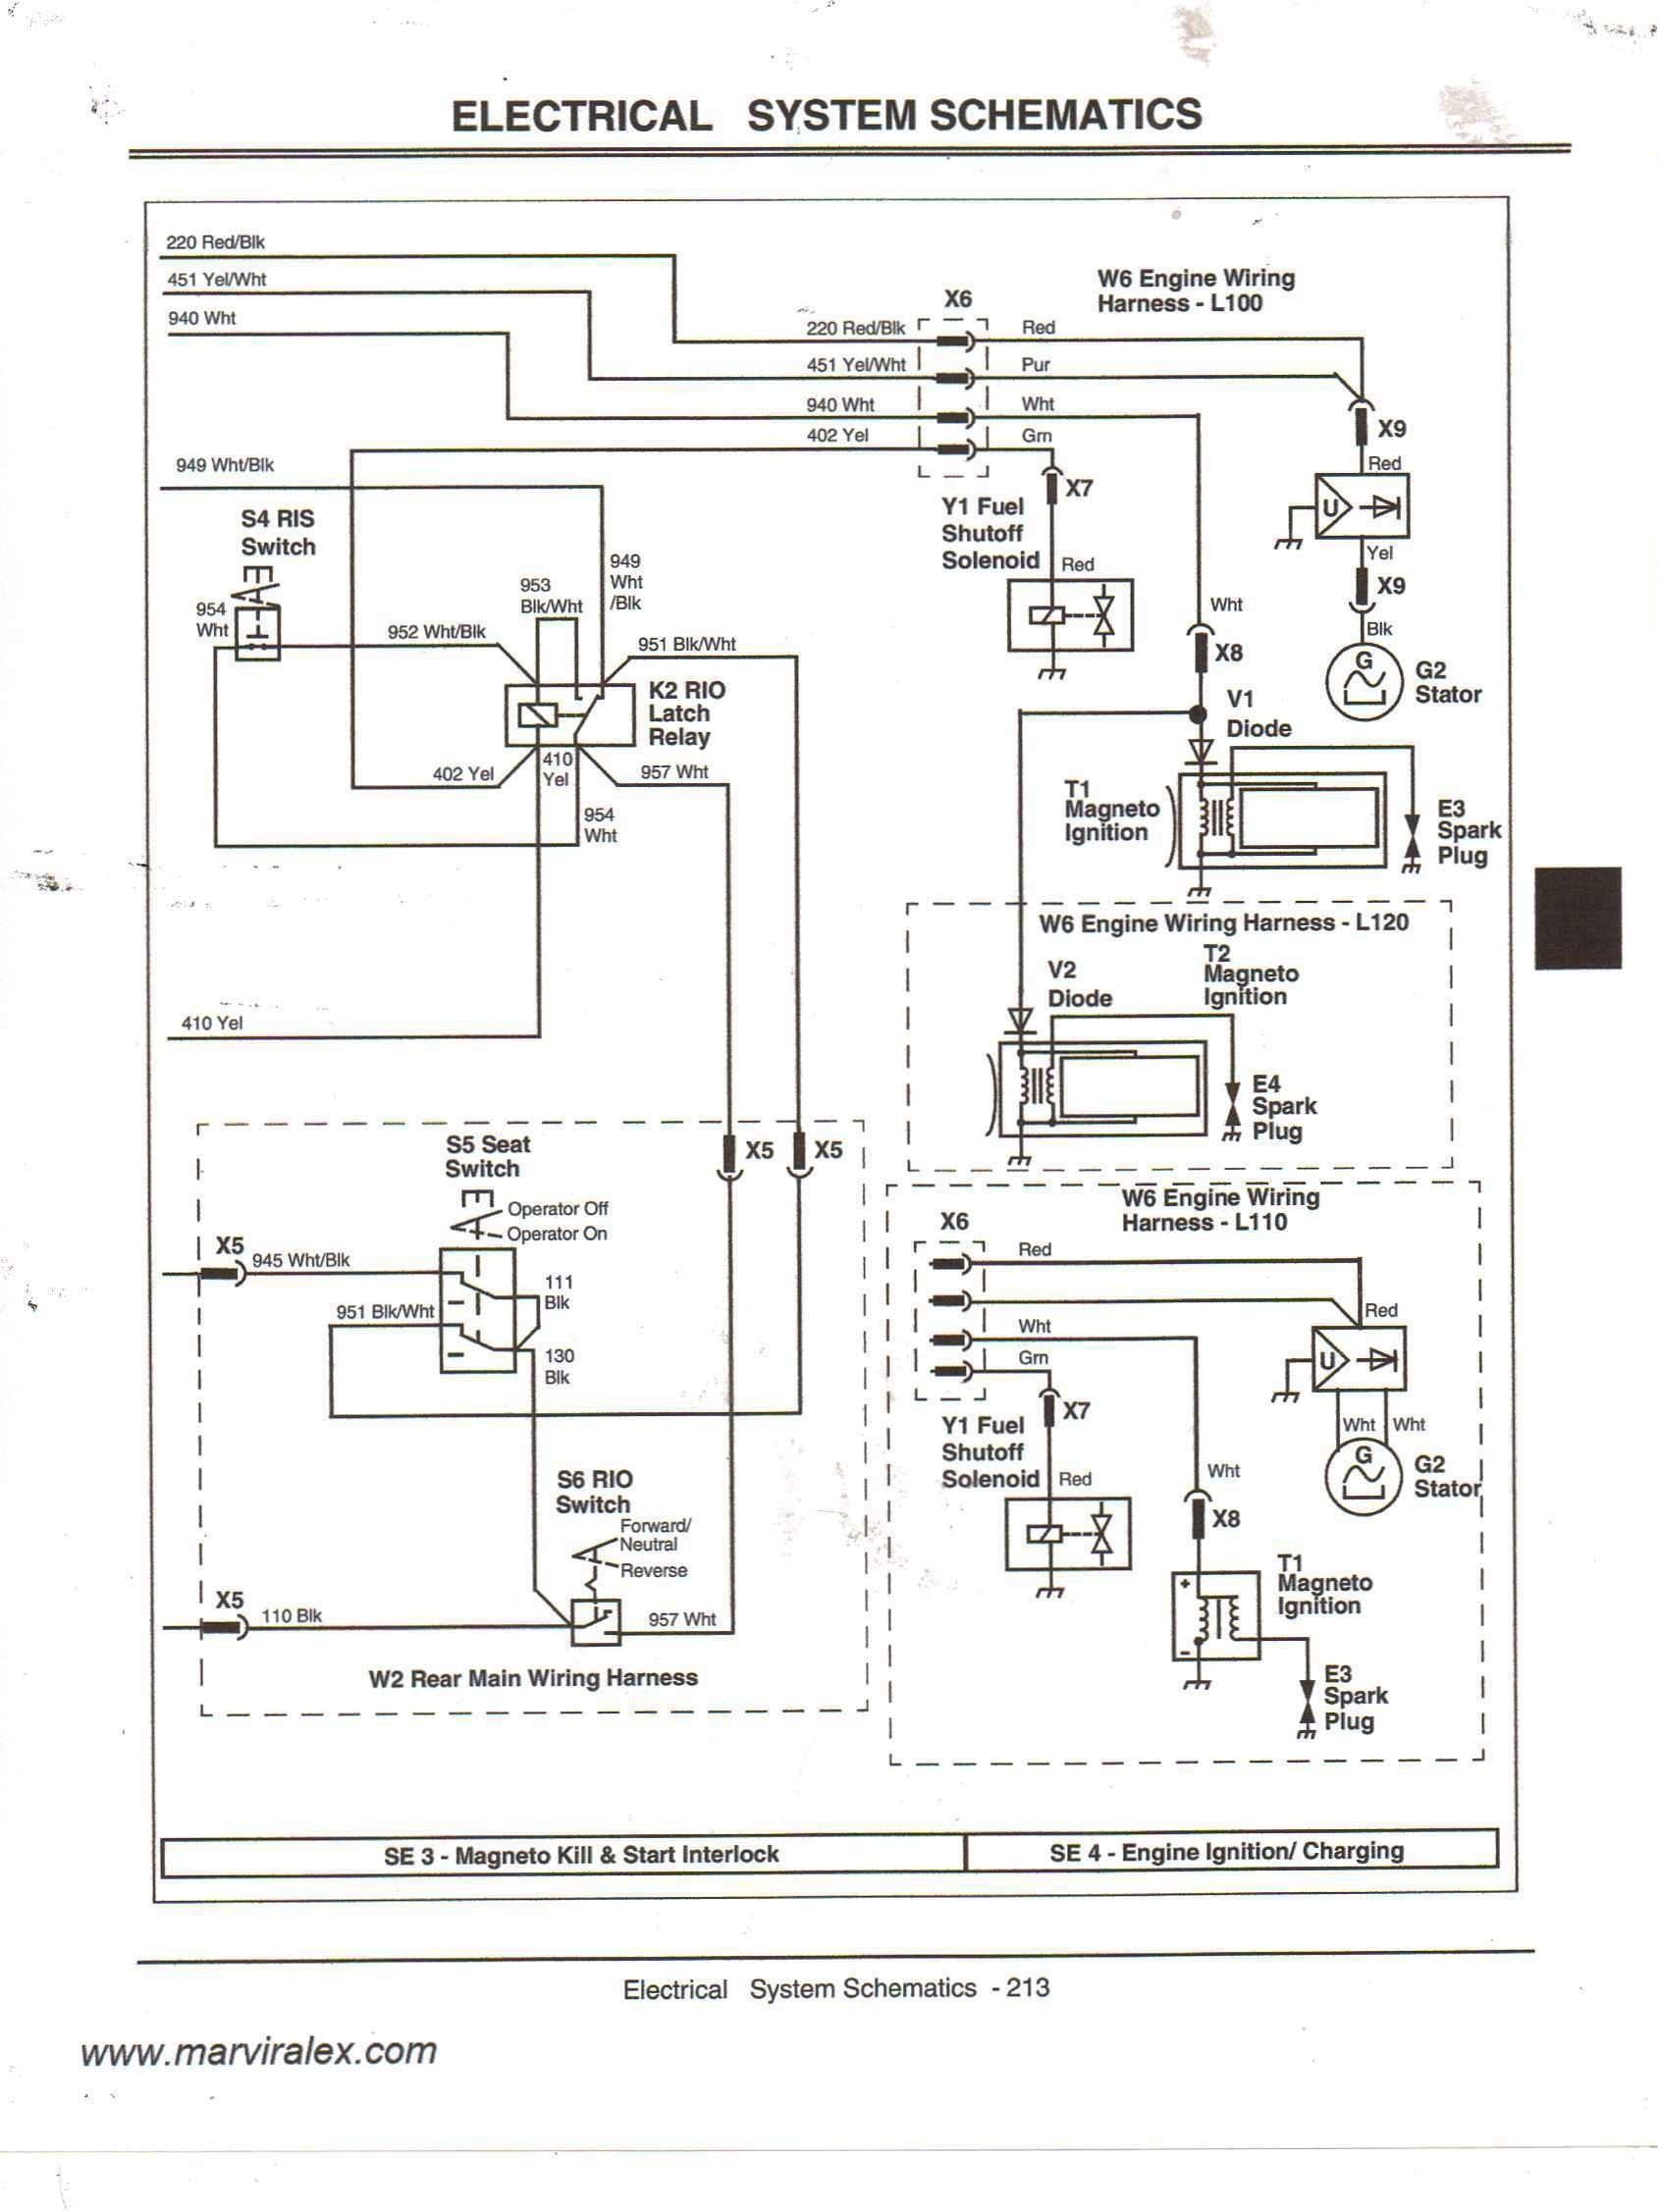 john deere gator wiring diagram awesome peg perego gator hpx wiring diagram wiring diagram of john deere gator wiring diagram